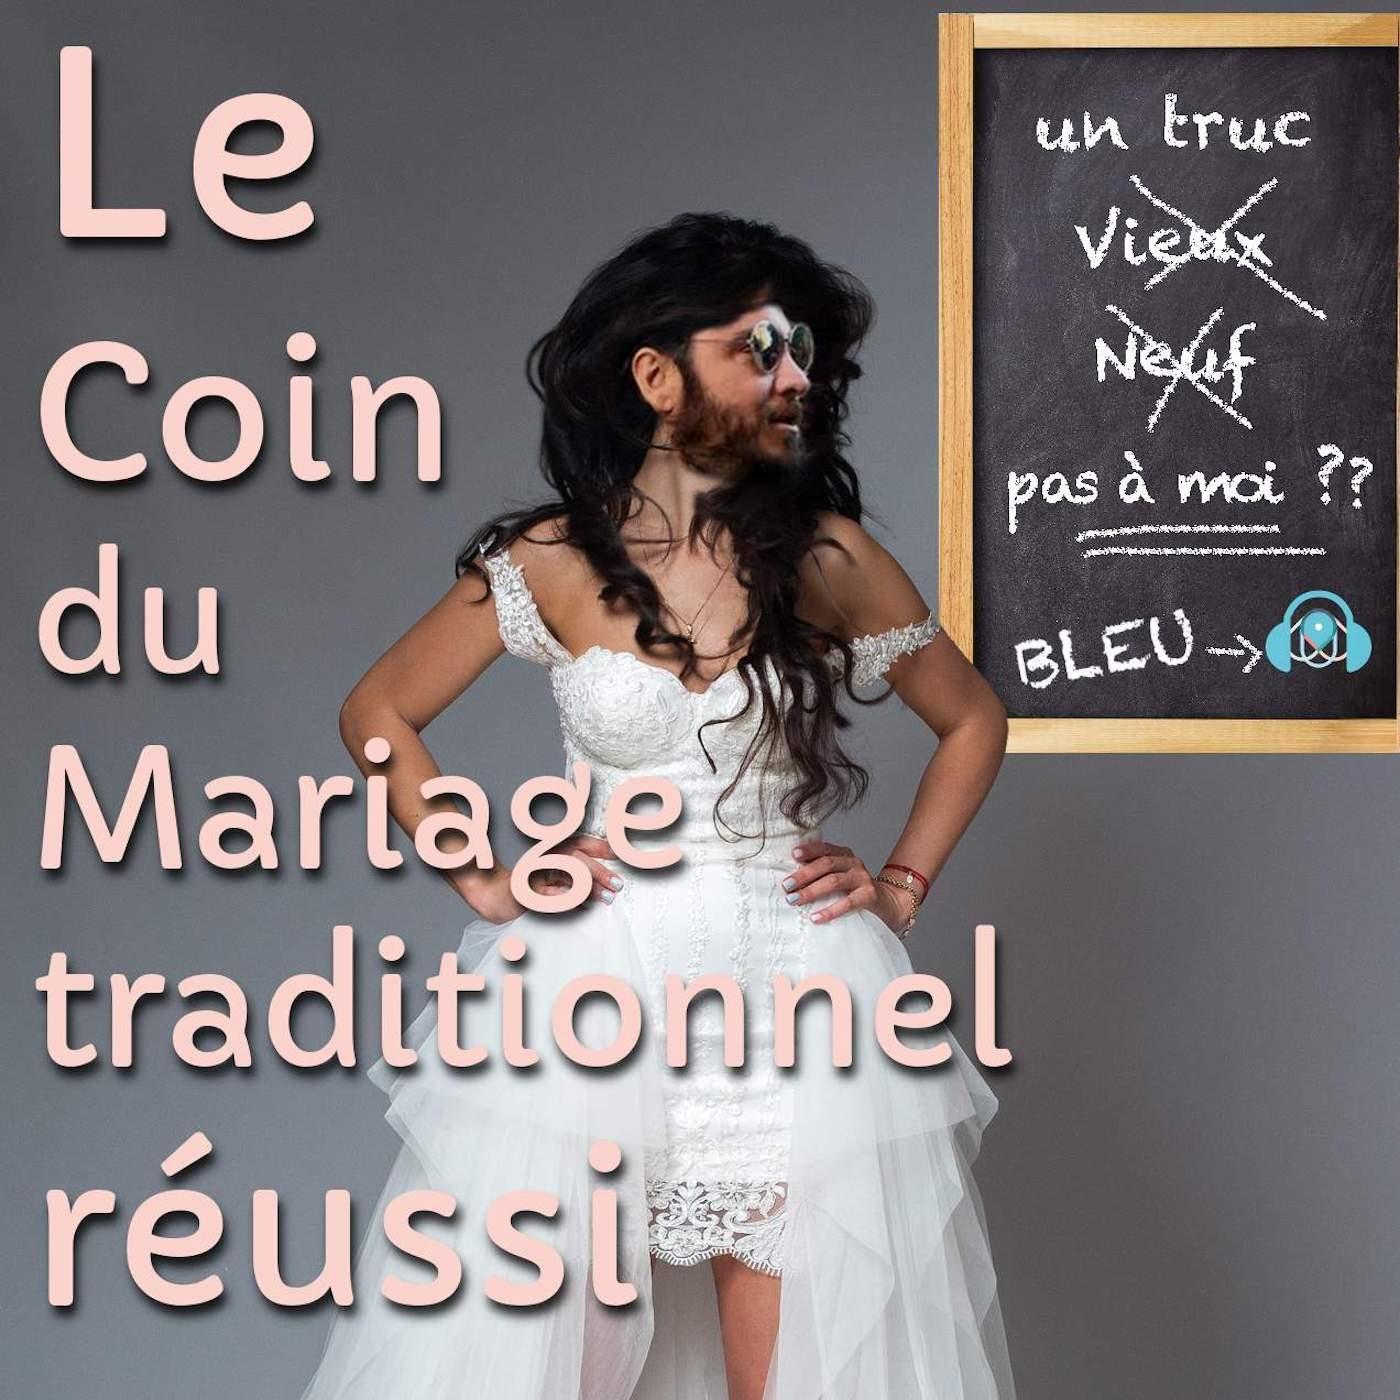 LE COIN DU MARIAGE TRADITIONNEL RÉUSSI S1E15